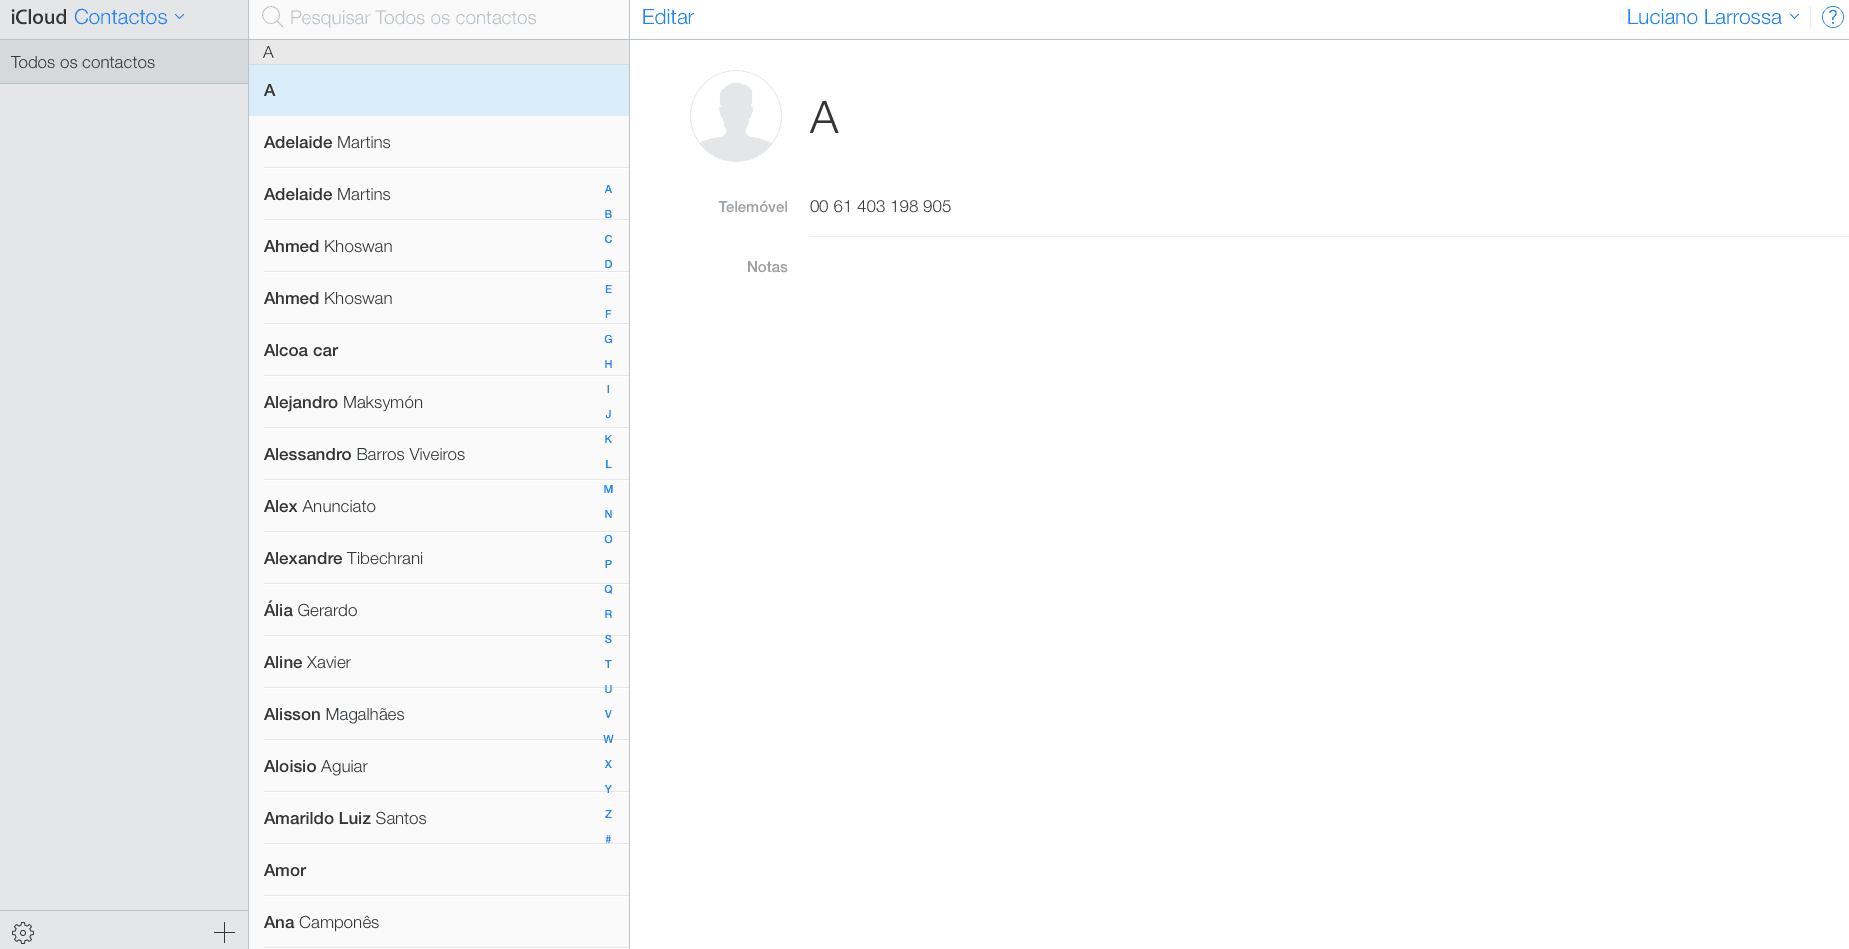 exportar os contatos do iPhone iCloud